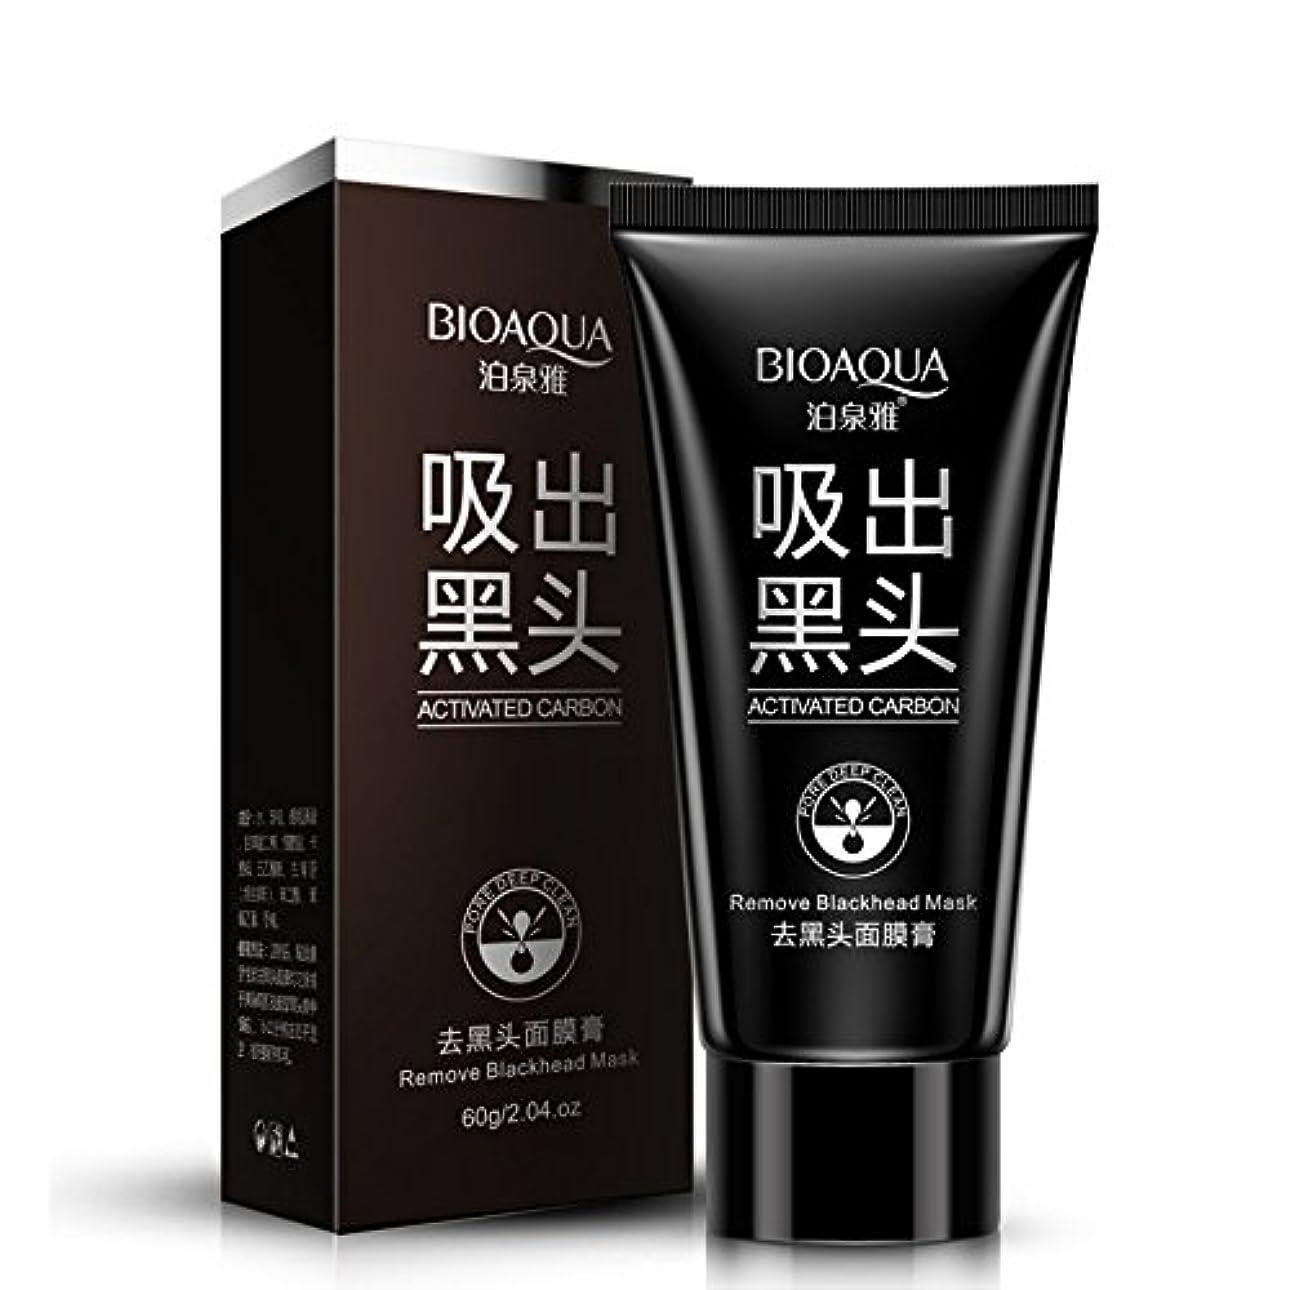 治安判事予想するヒューズSuction Black Mask Shrink Black Head Spots Pores,Face Mask Blackhead Removal Blackheads Cosmetics Facials Moisturizing Skin Care.